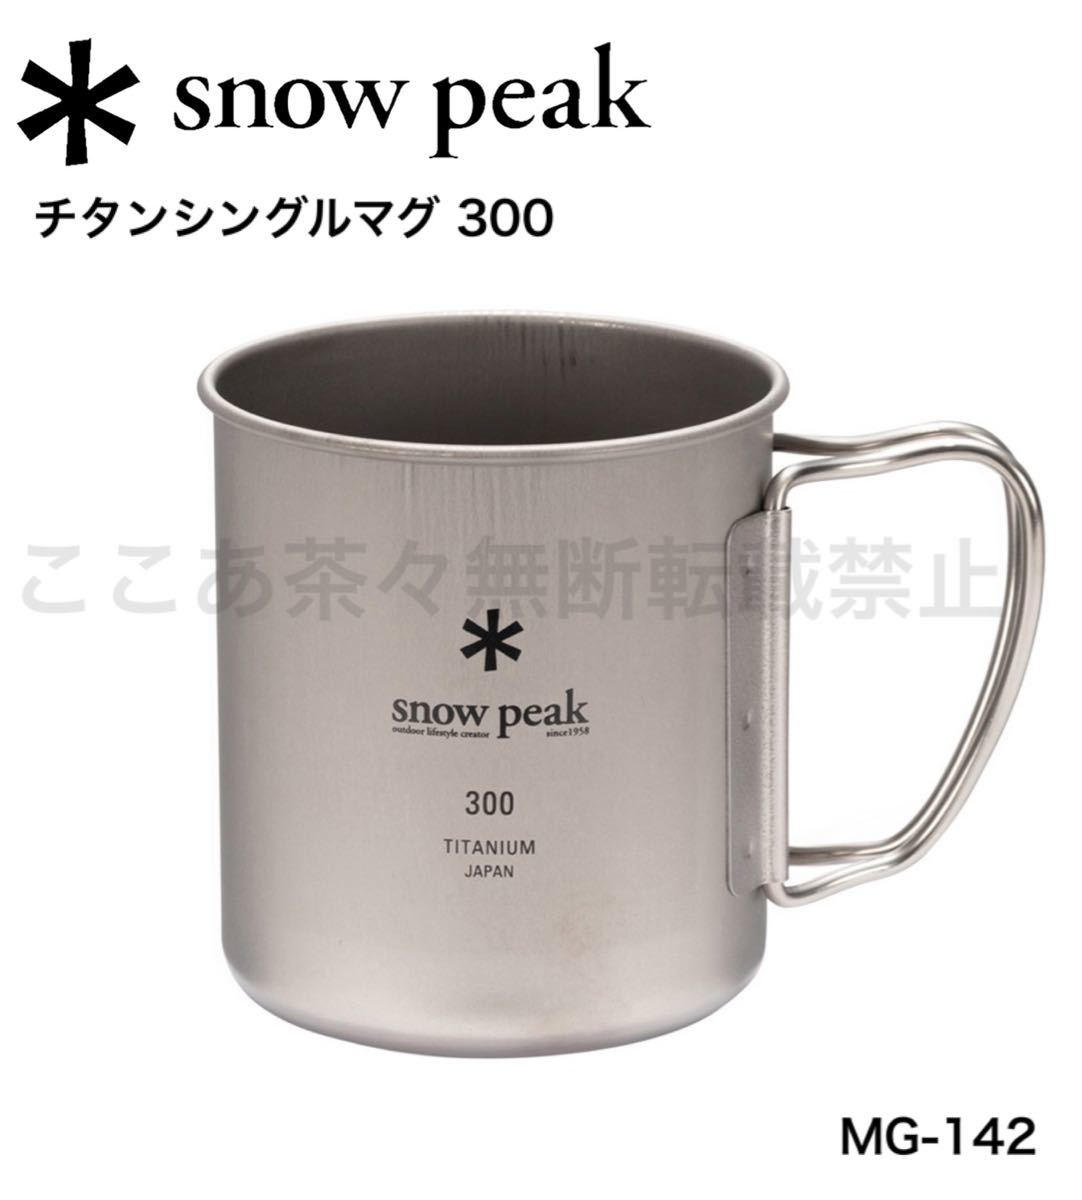 スノーピーク(snow peak) チタンシングルマグ 300